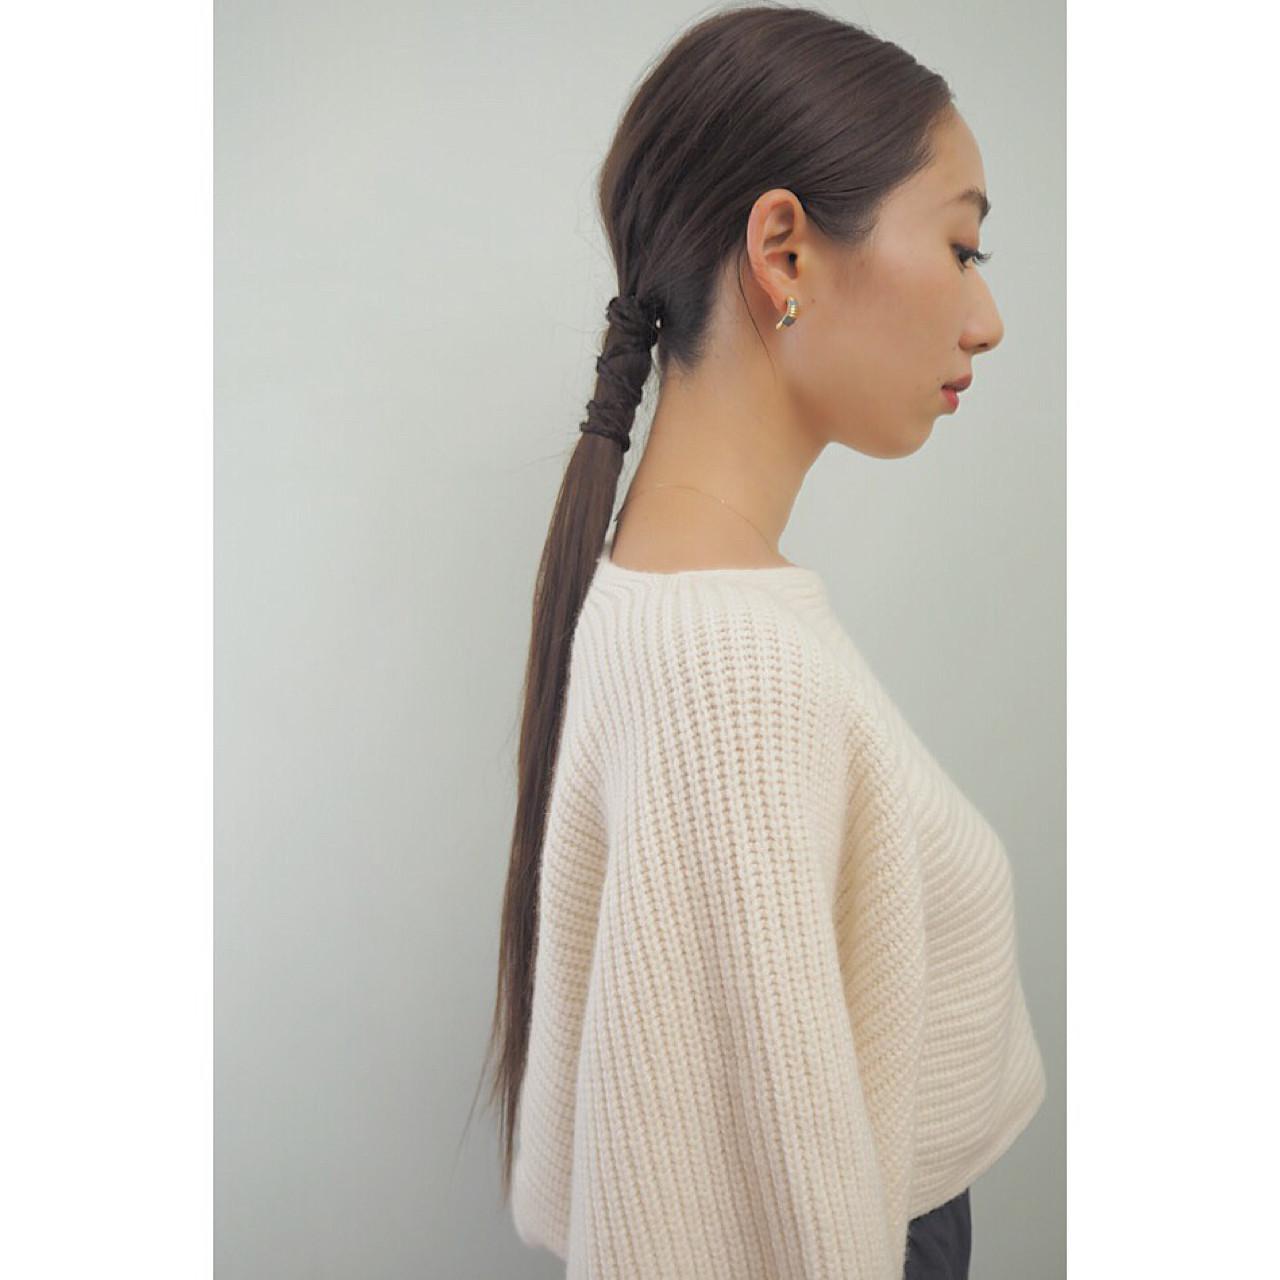 ストレート ヘアアレンジ ロング 大人女子 ヘアスタイルや髪型の写真・画像